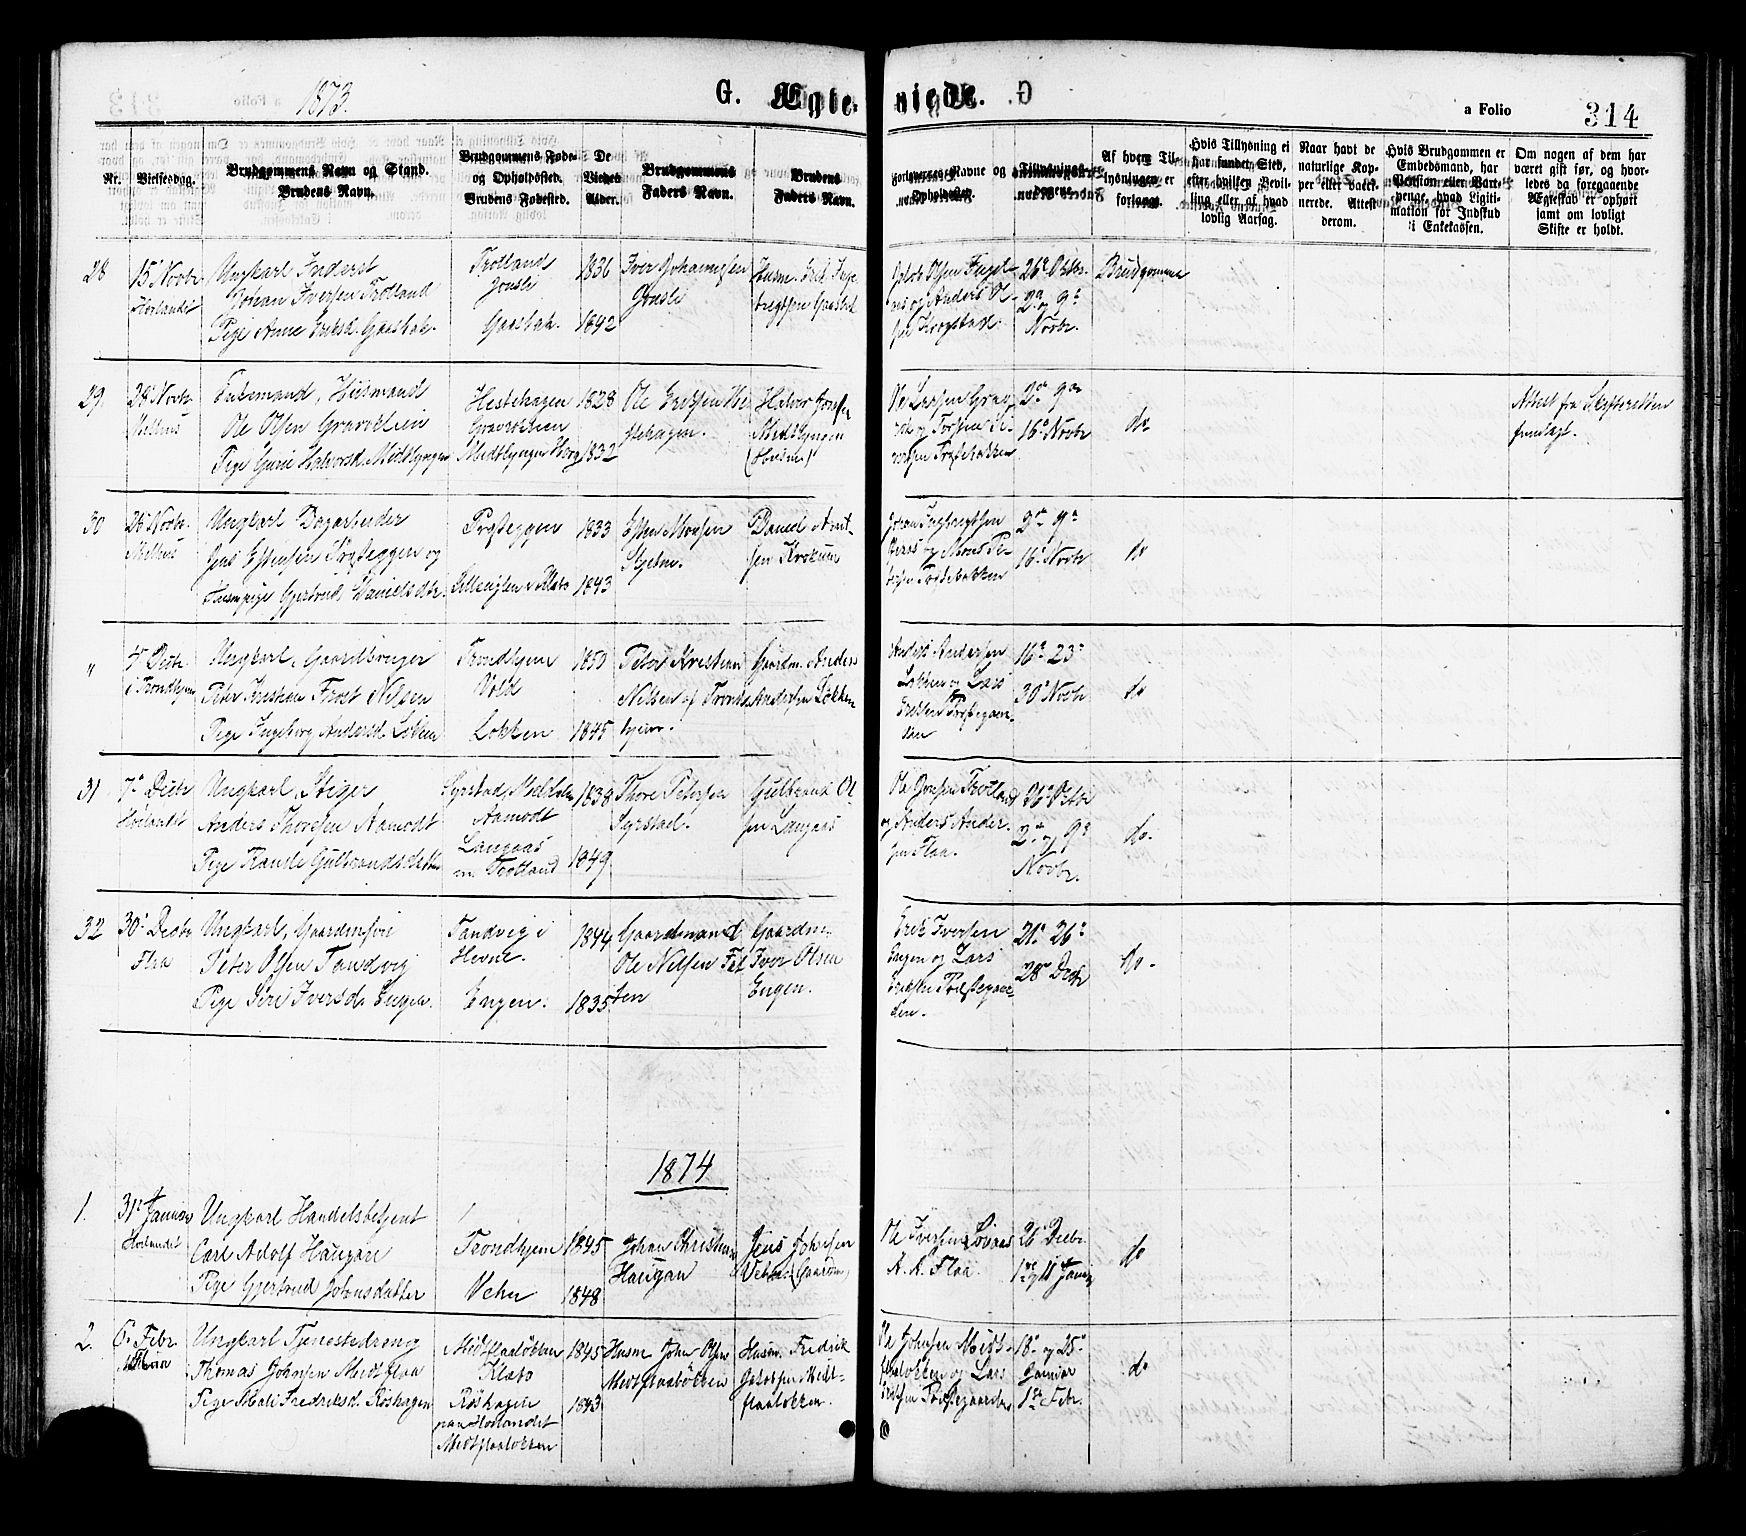 SAT, Ministerialprotokoller, klokkerbøker og fødselsregistre - Sør-Trøndelag, 691/L1079: Ministerialbok nr. 691A11, 1873-1886, s. 314